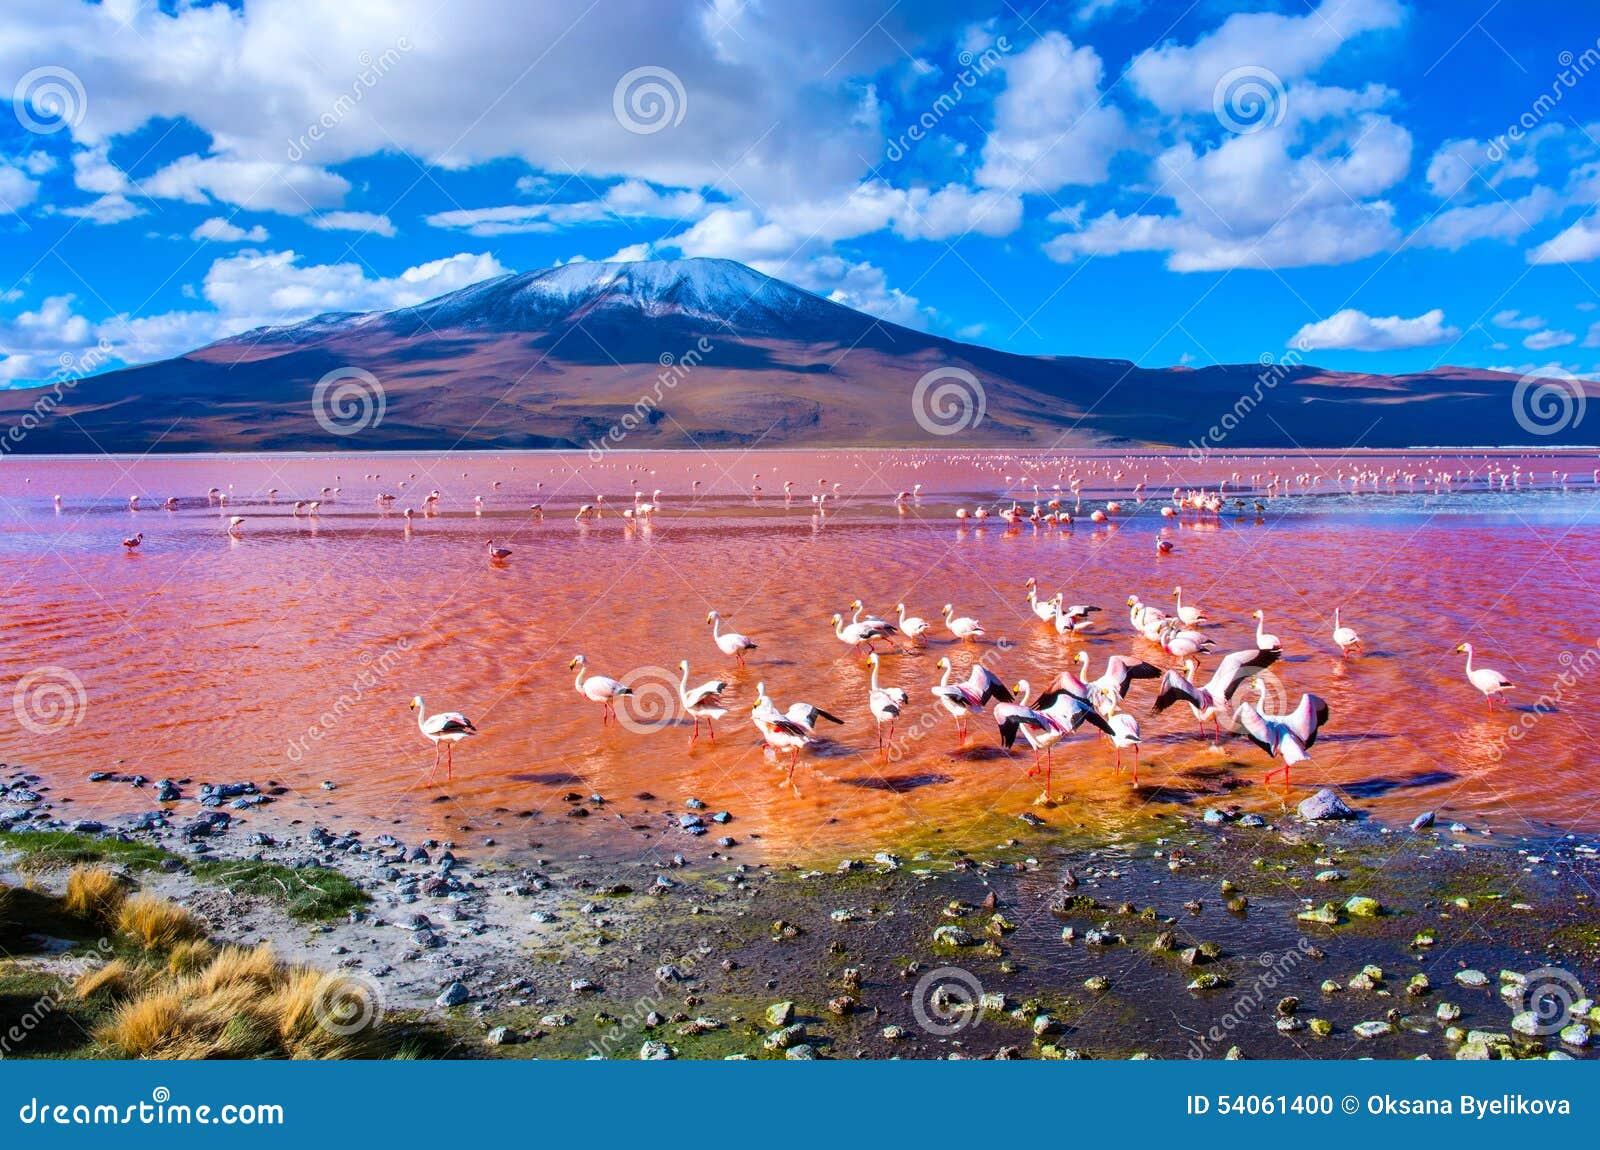 Flamingos in Laguna Colorada, Bolivien